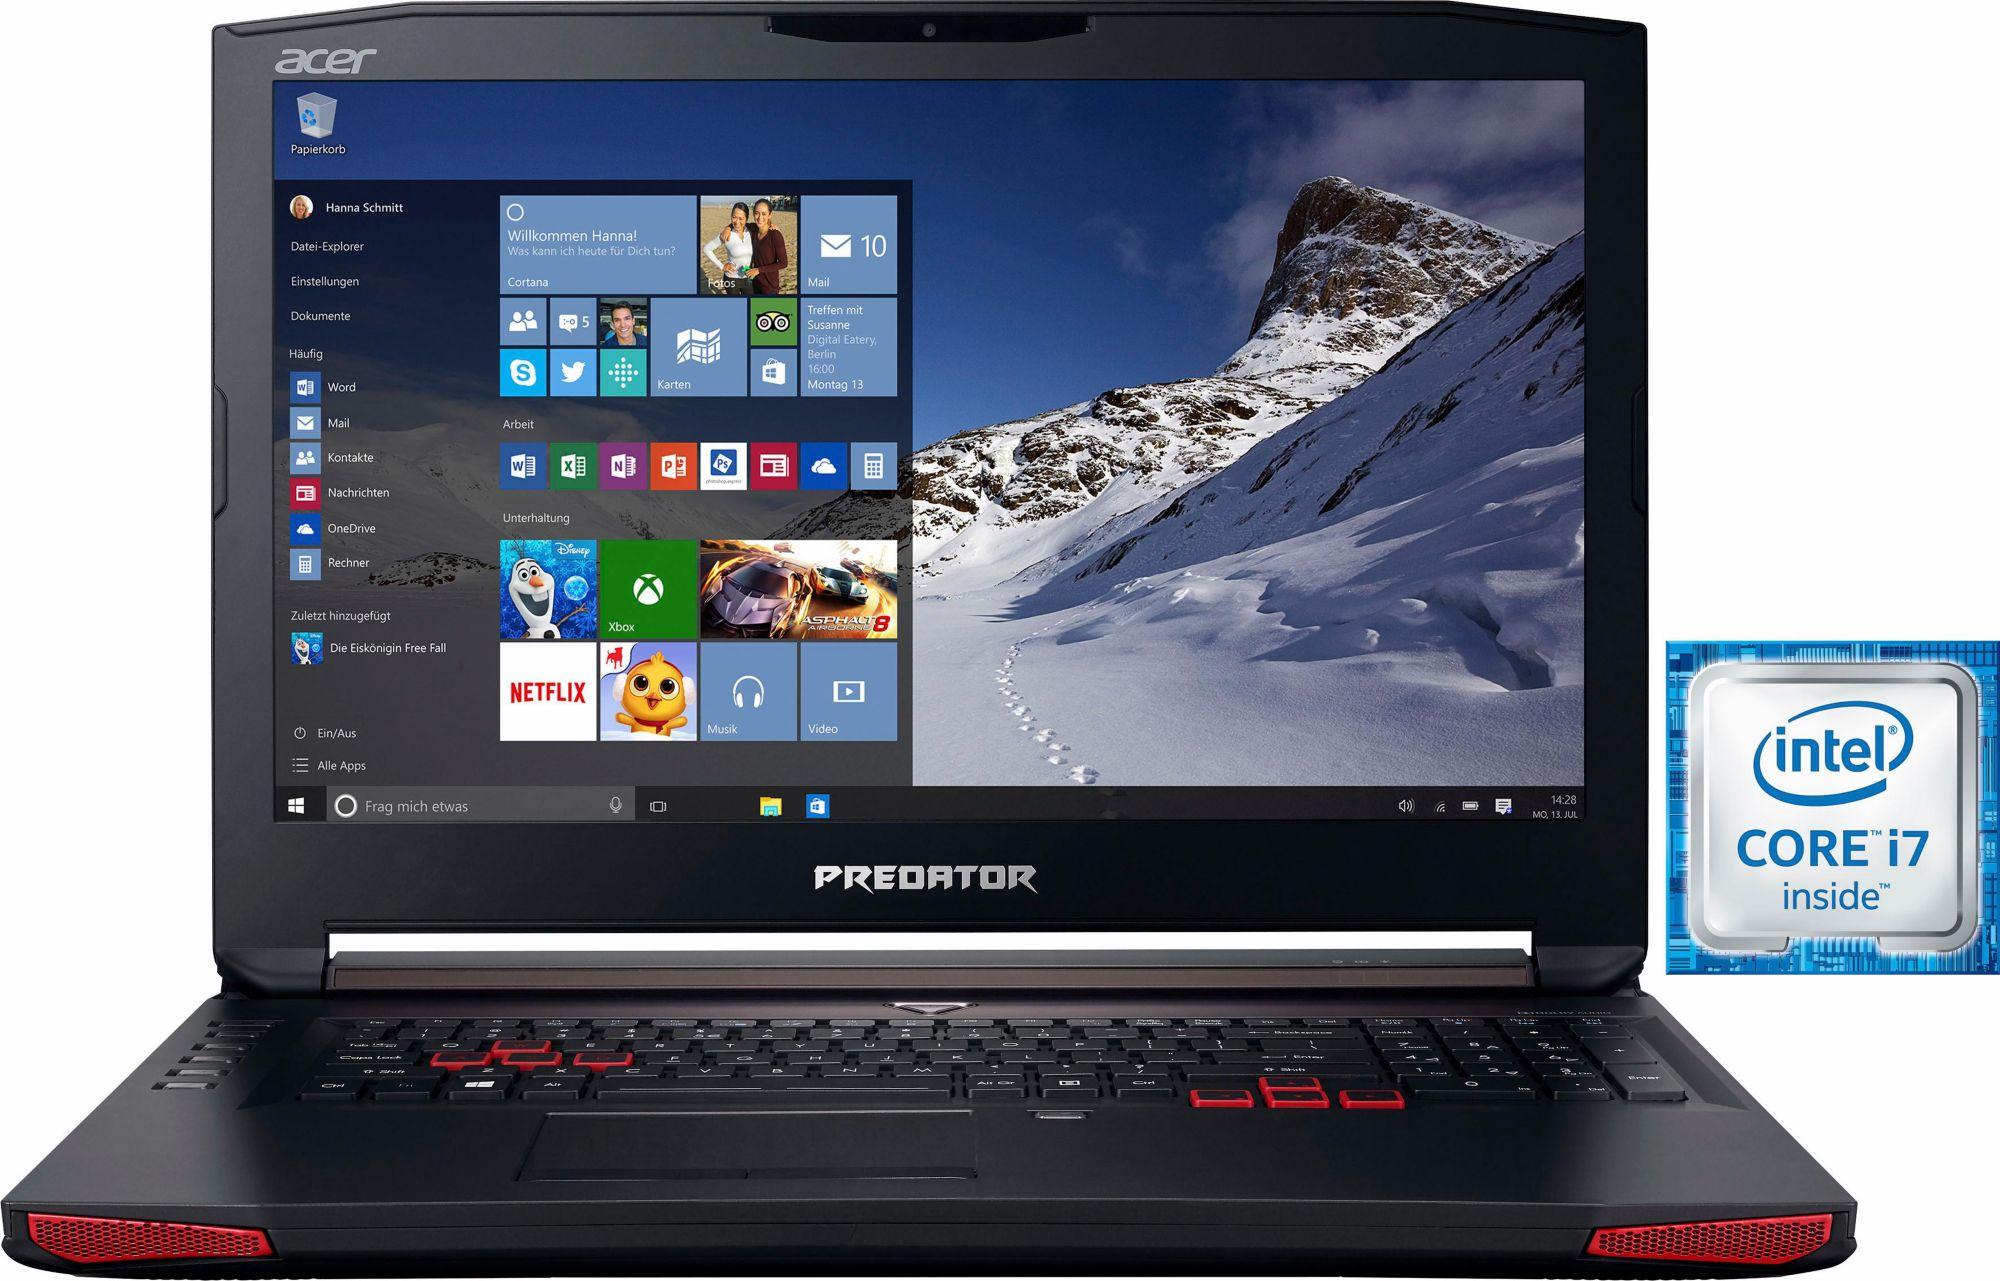 ACER Acer Predator 17 G5-793 Notebook i7-6700HQ SSD matt Full HD GTX1060 Windows 10